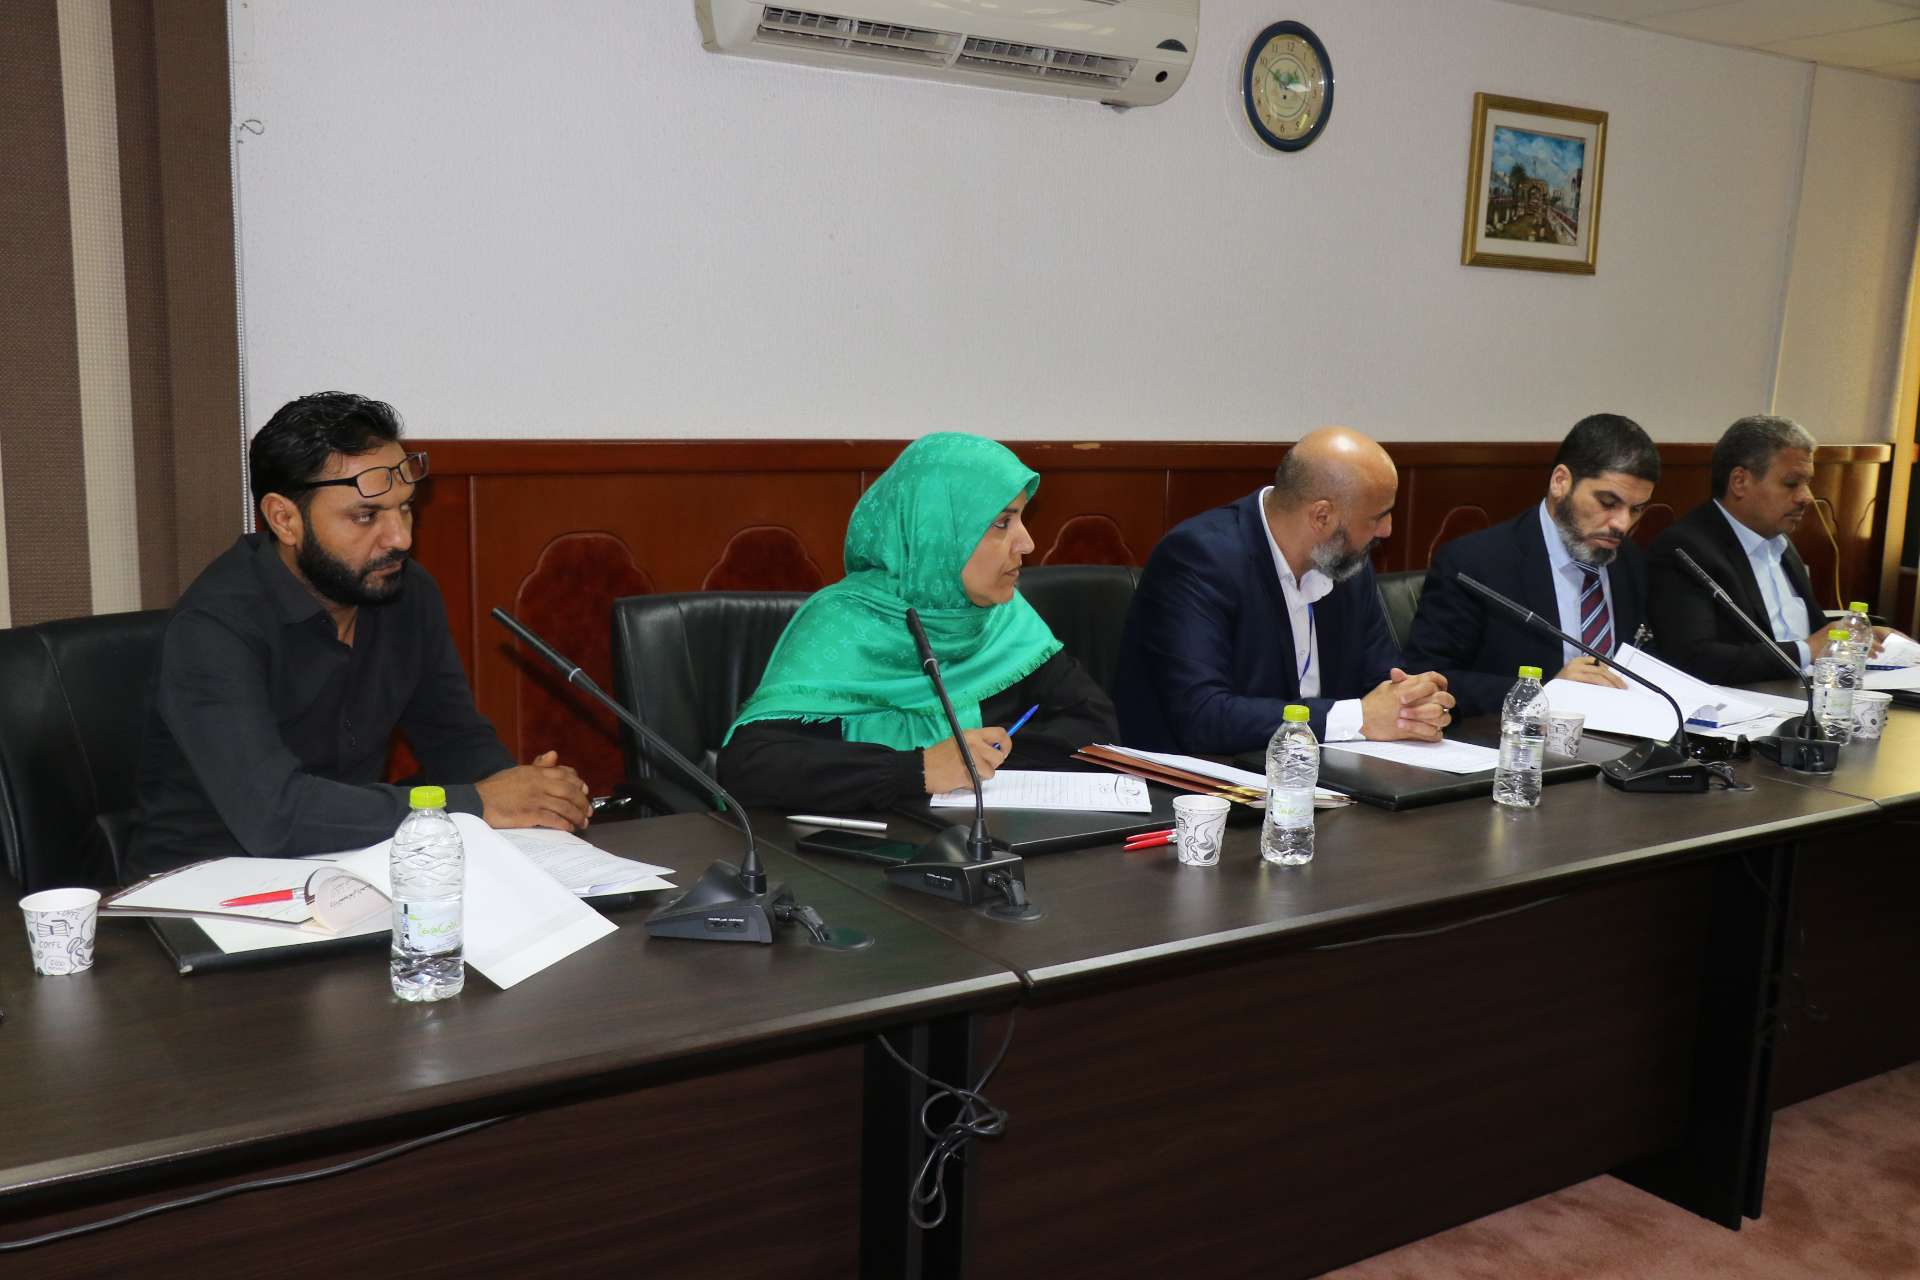 الاجتماع التشاوري لدراسة مسودة اتفاق بين الاكاديمية الليبية للدراسات العليا وهيئة الرقابة الإدارية.